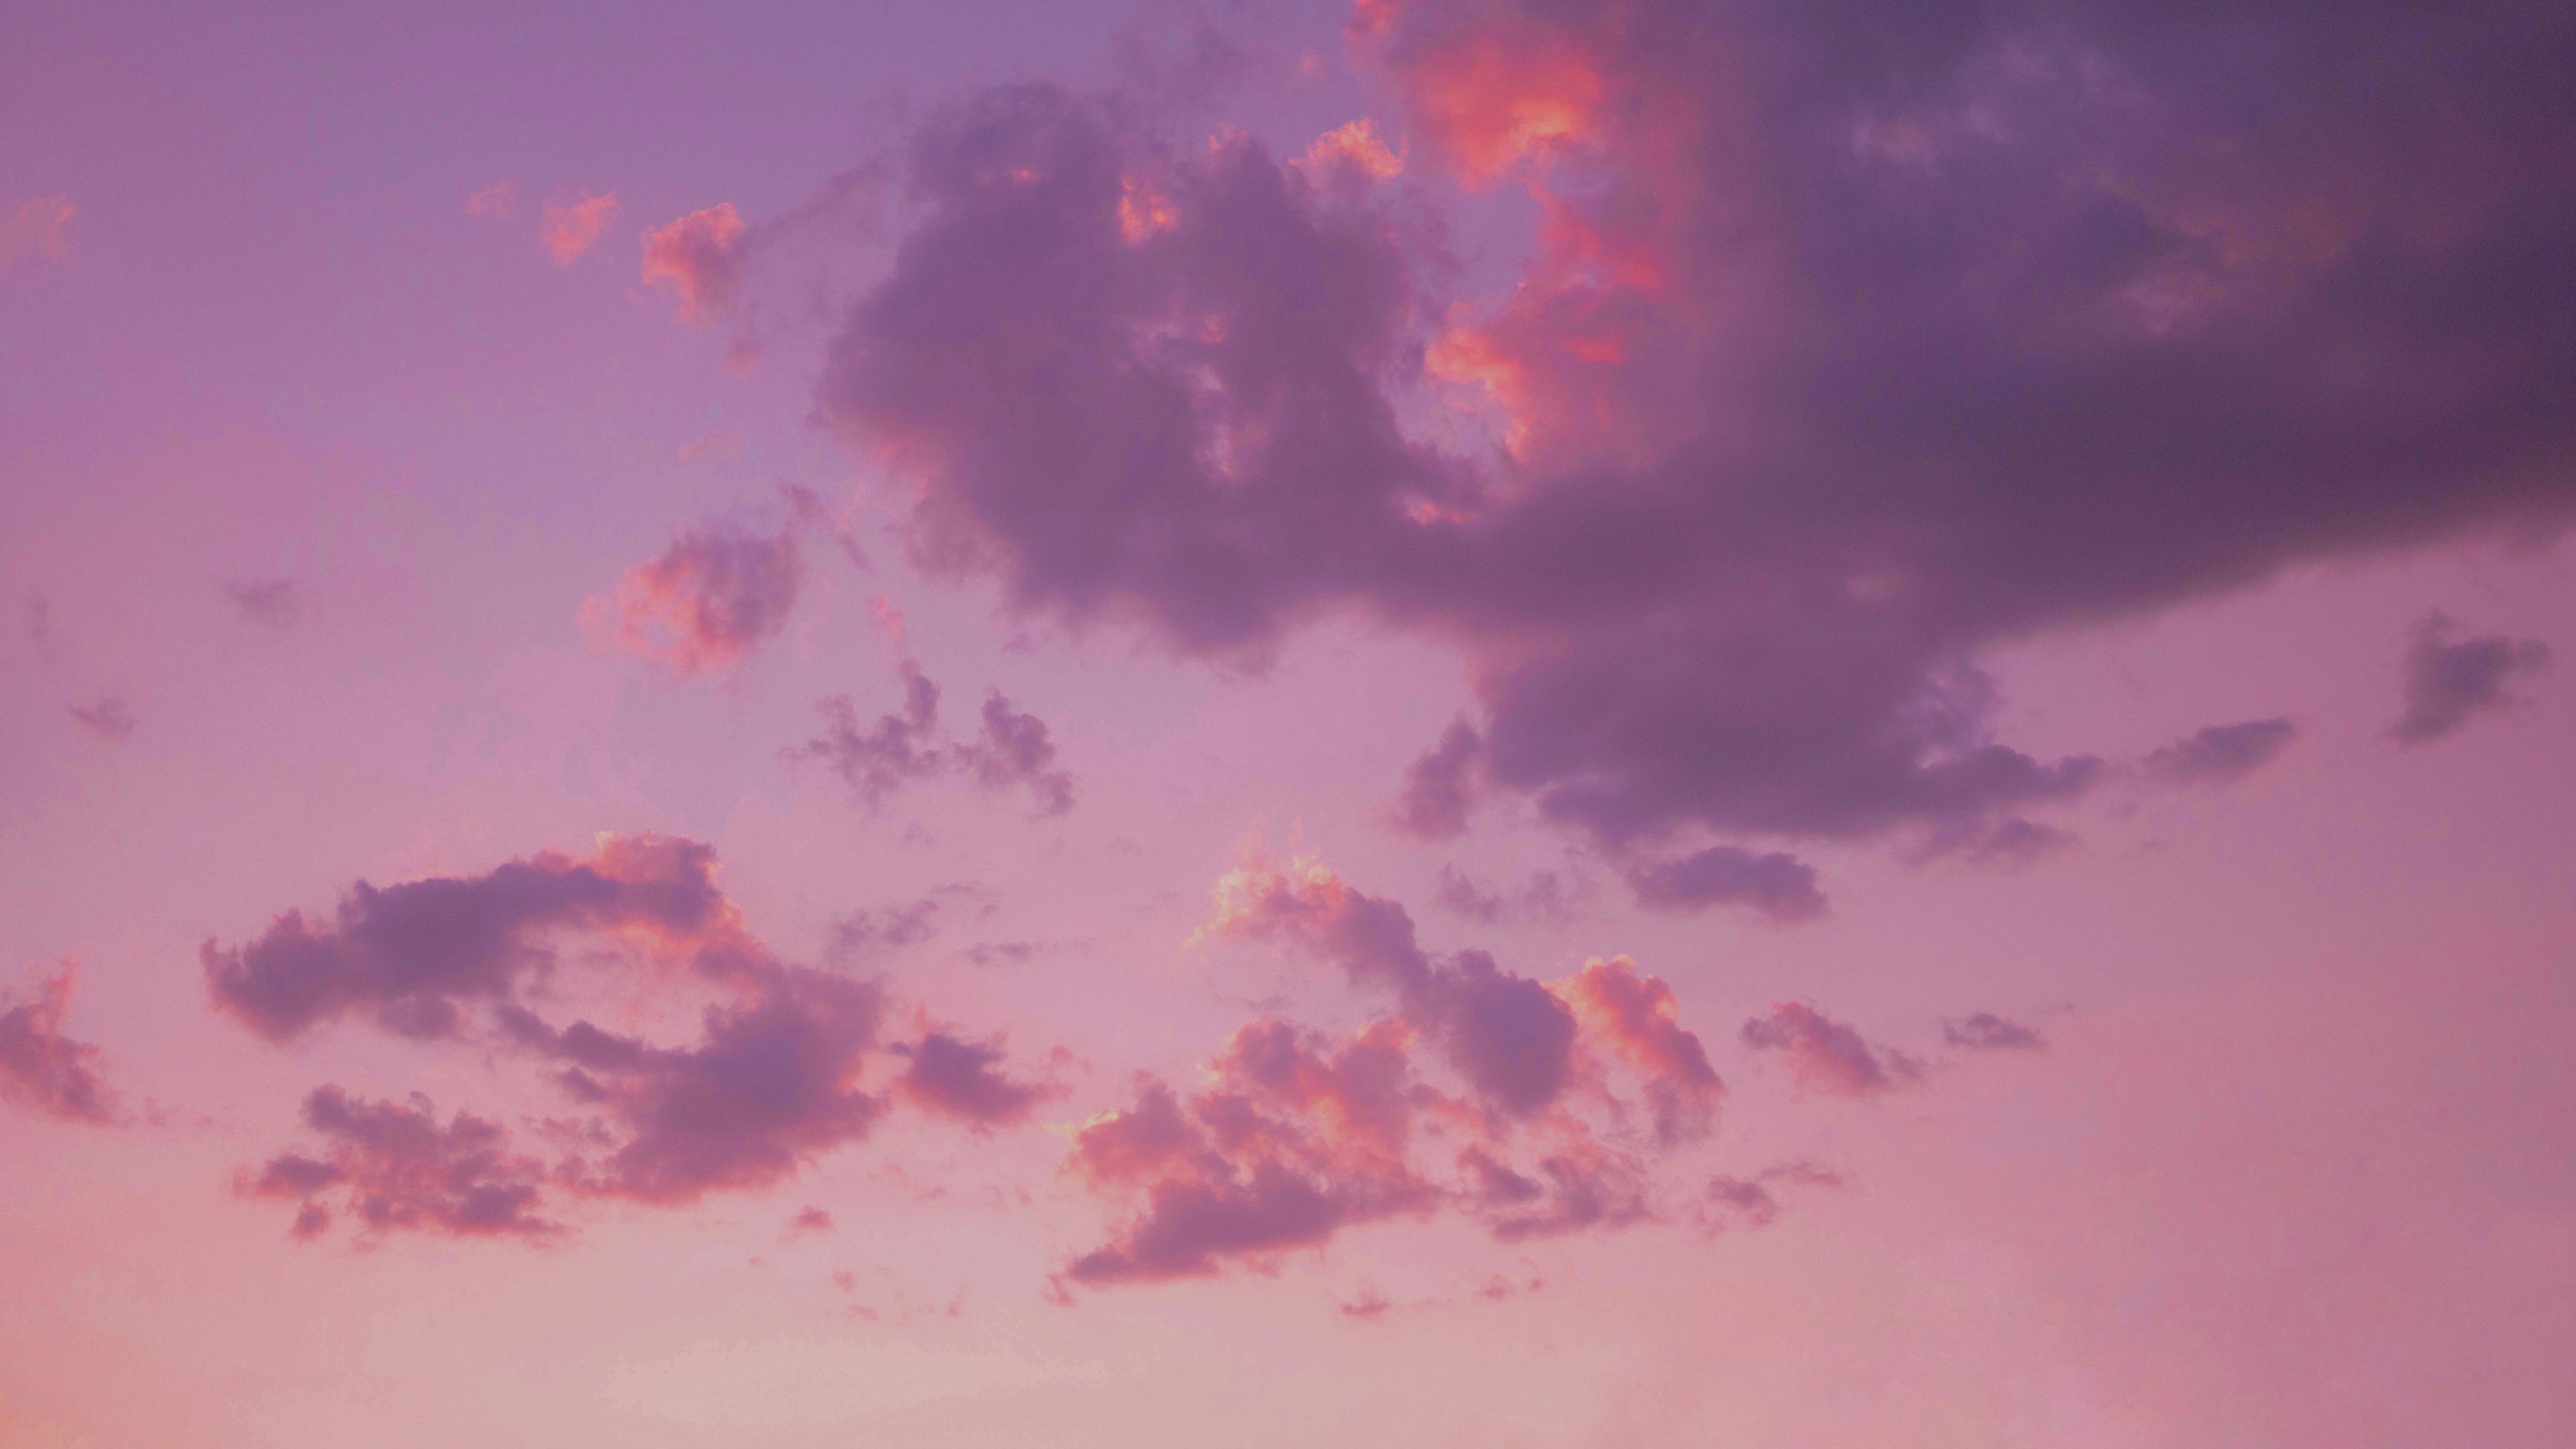 美轮美奂天空浪漫仙气唯美图片